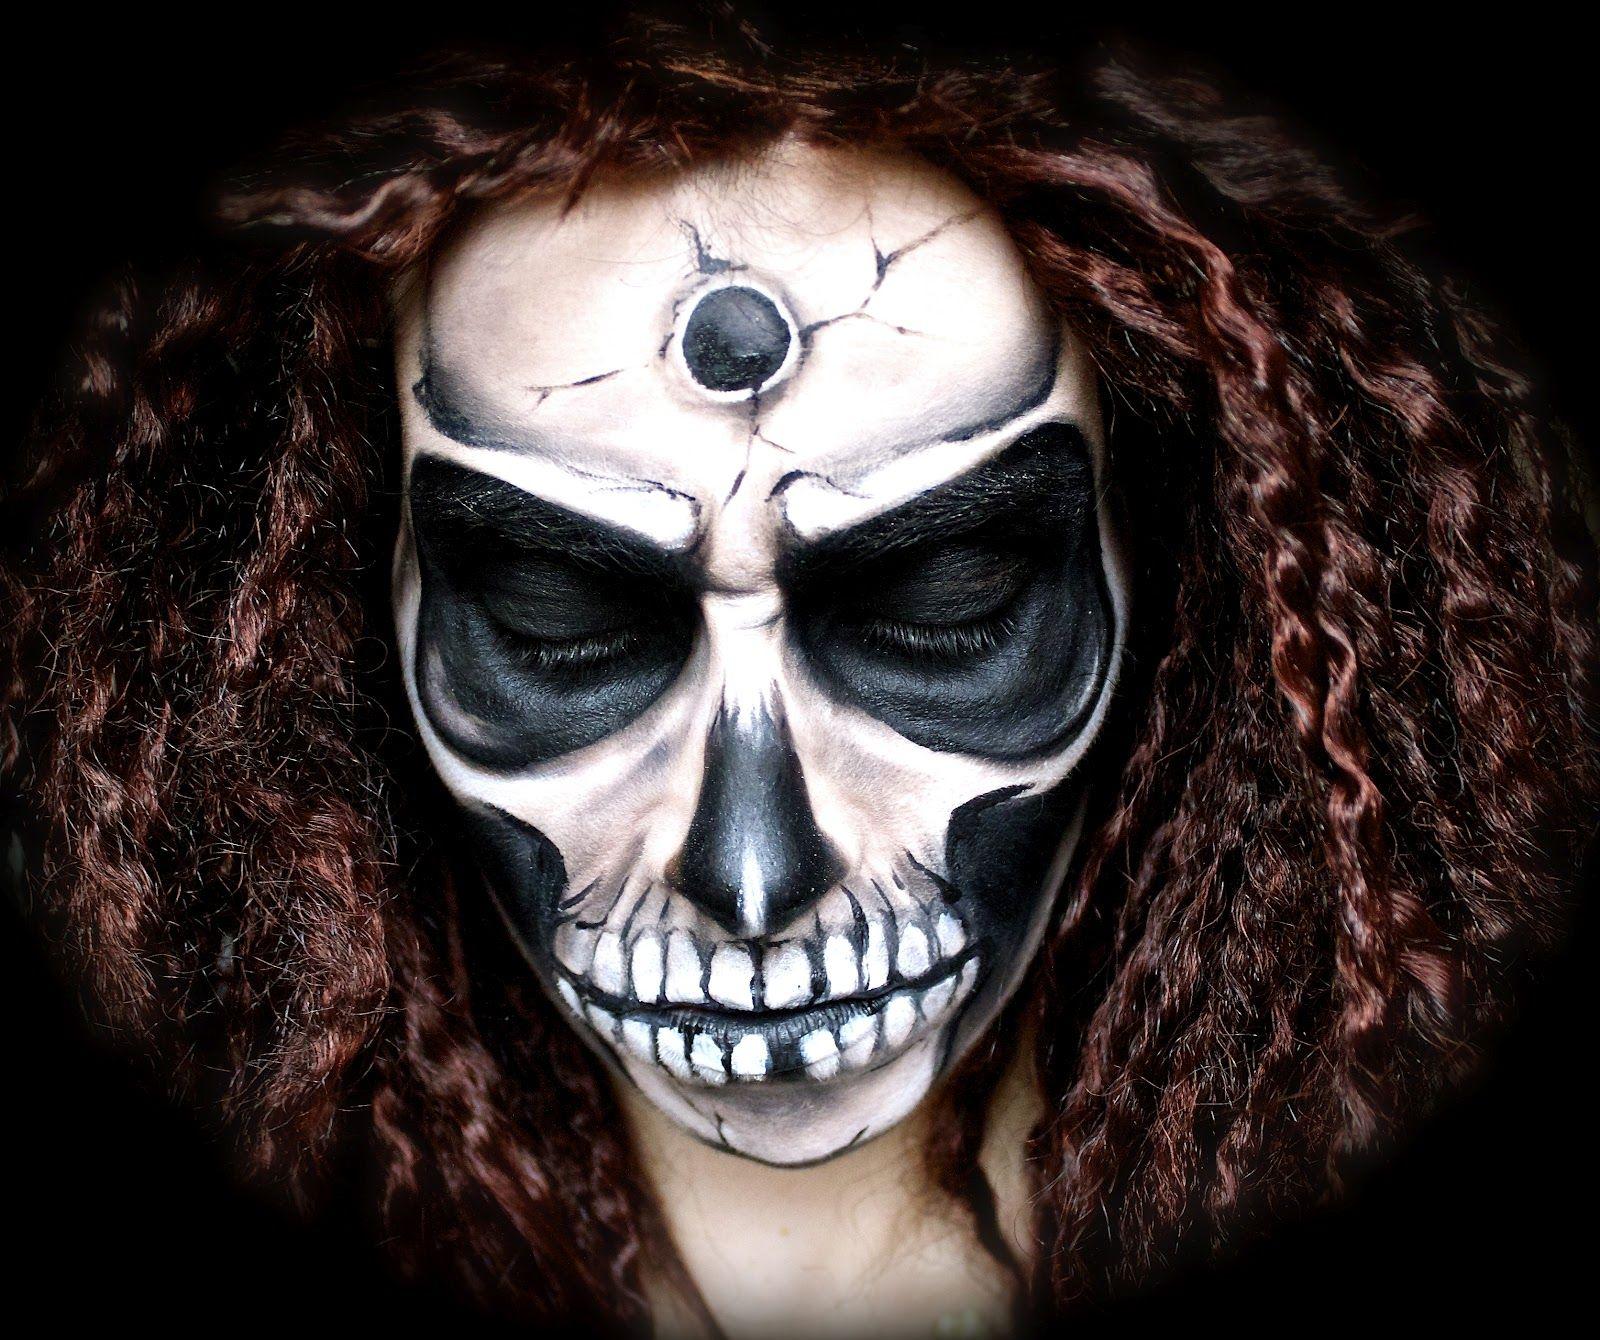 Scary/Creepy Skull Makeup Tutorial; Halloween '12 (med bilder)